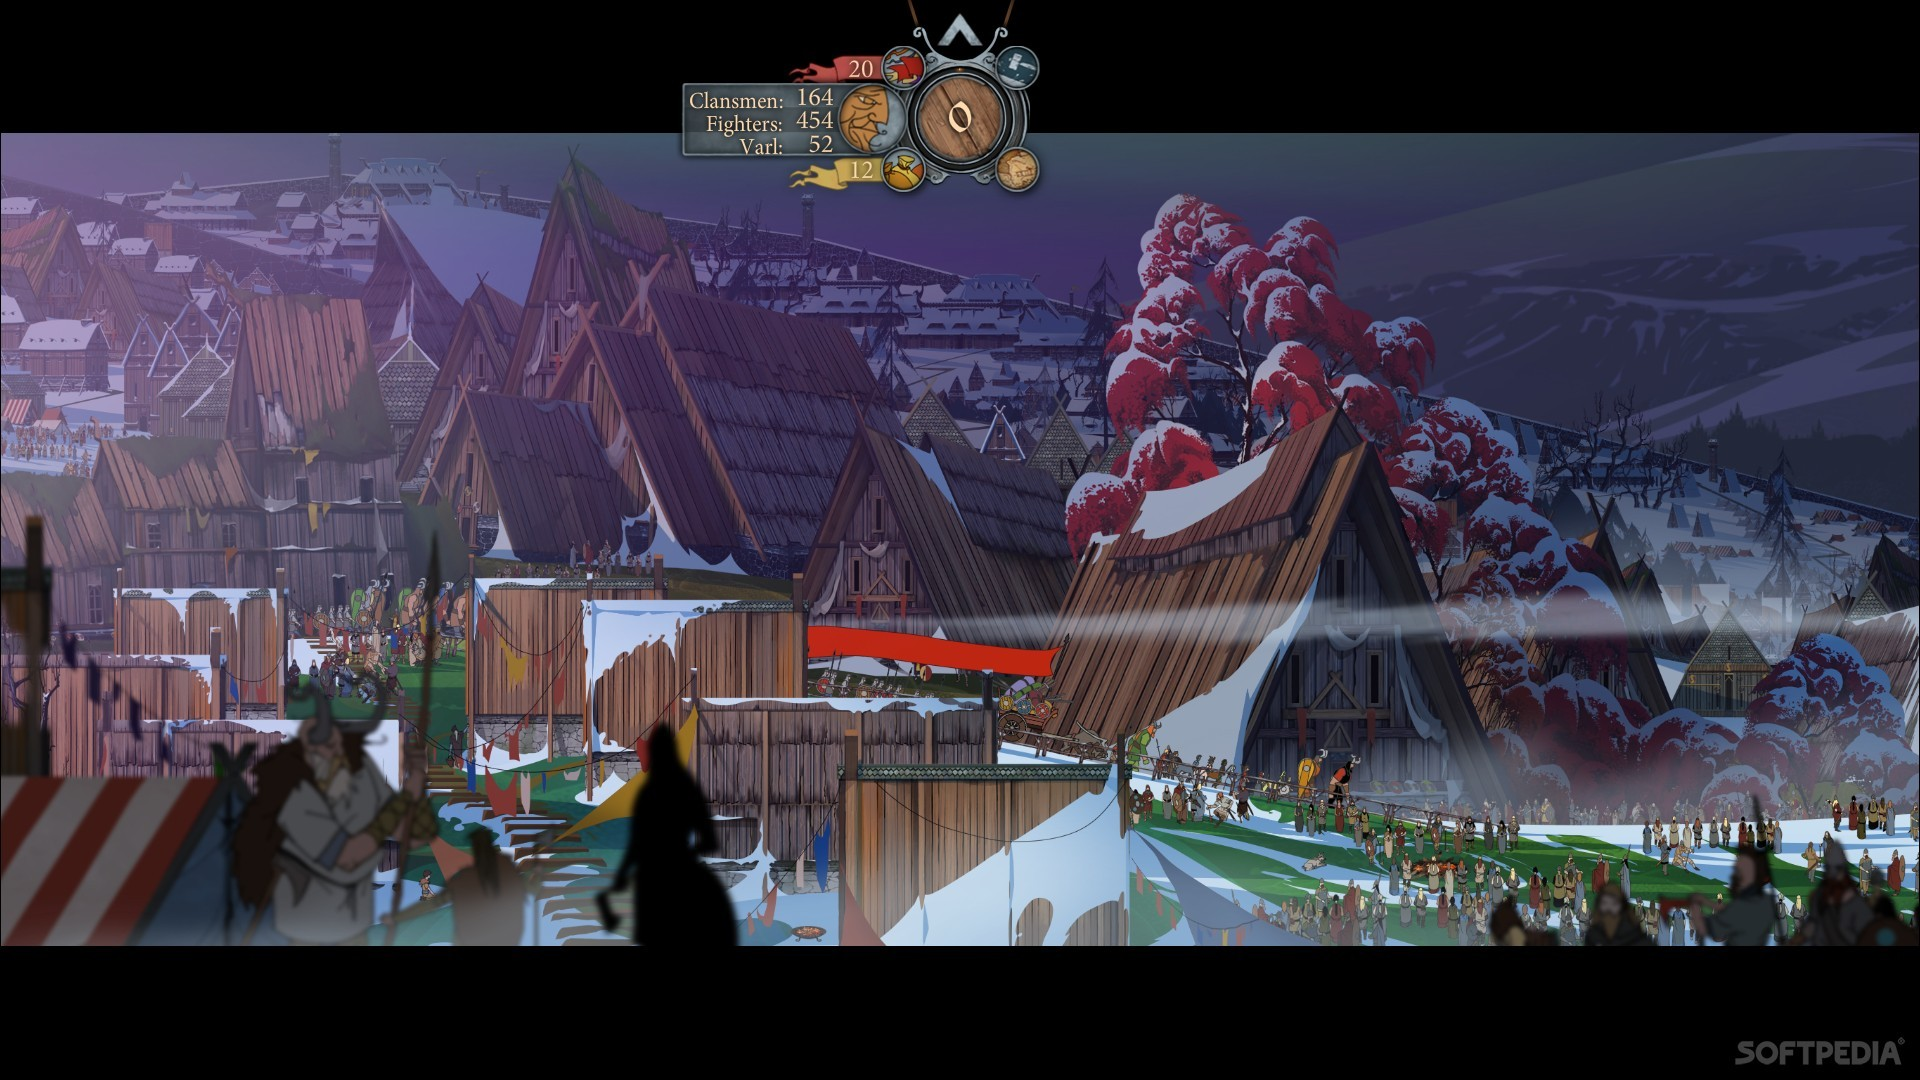 Risultati immagini per the banner saga 3 review